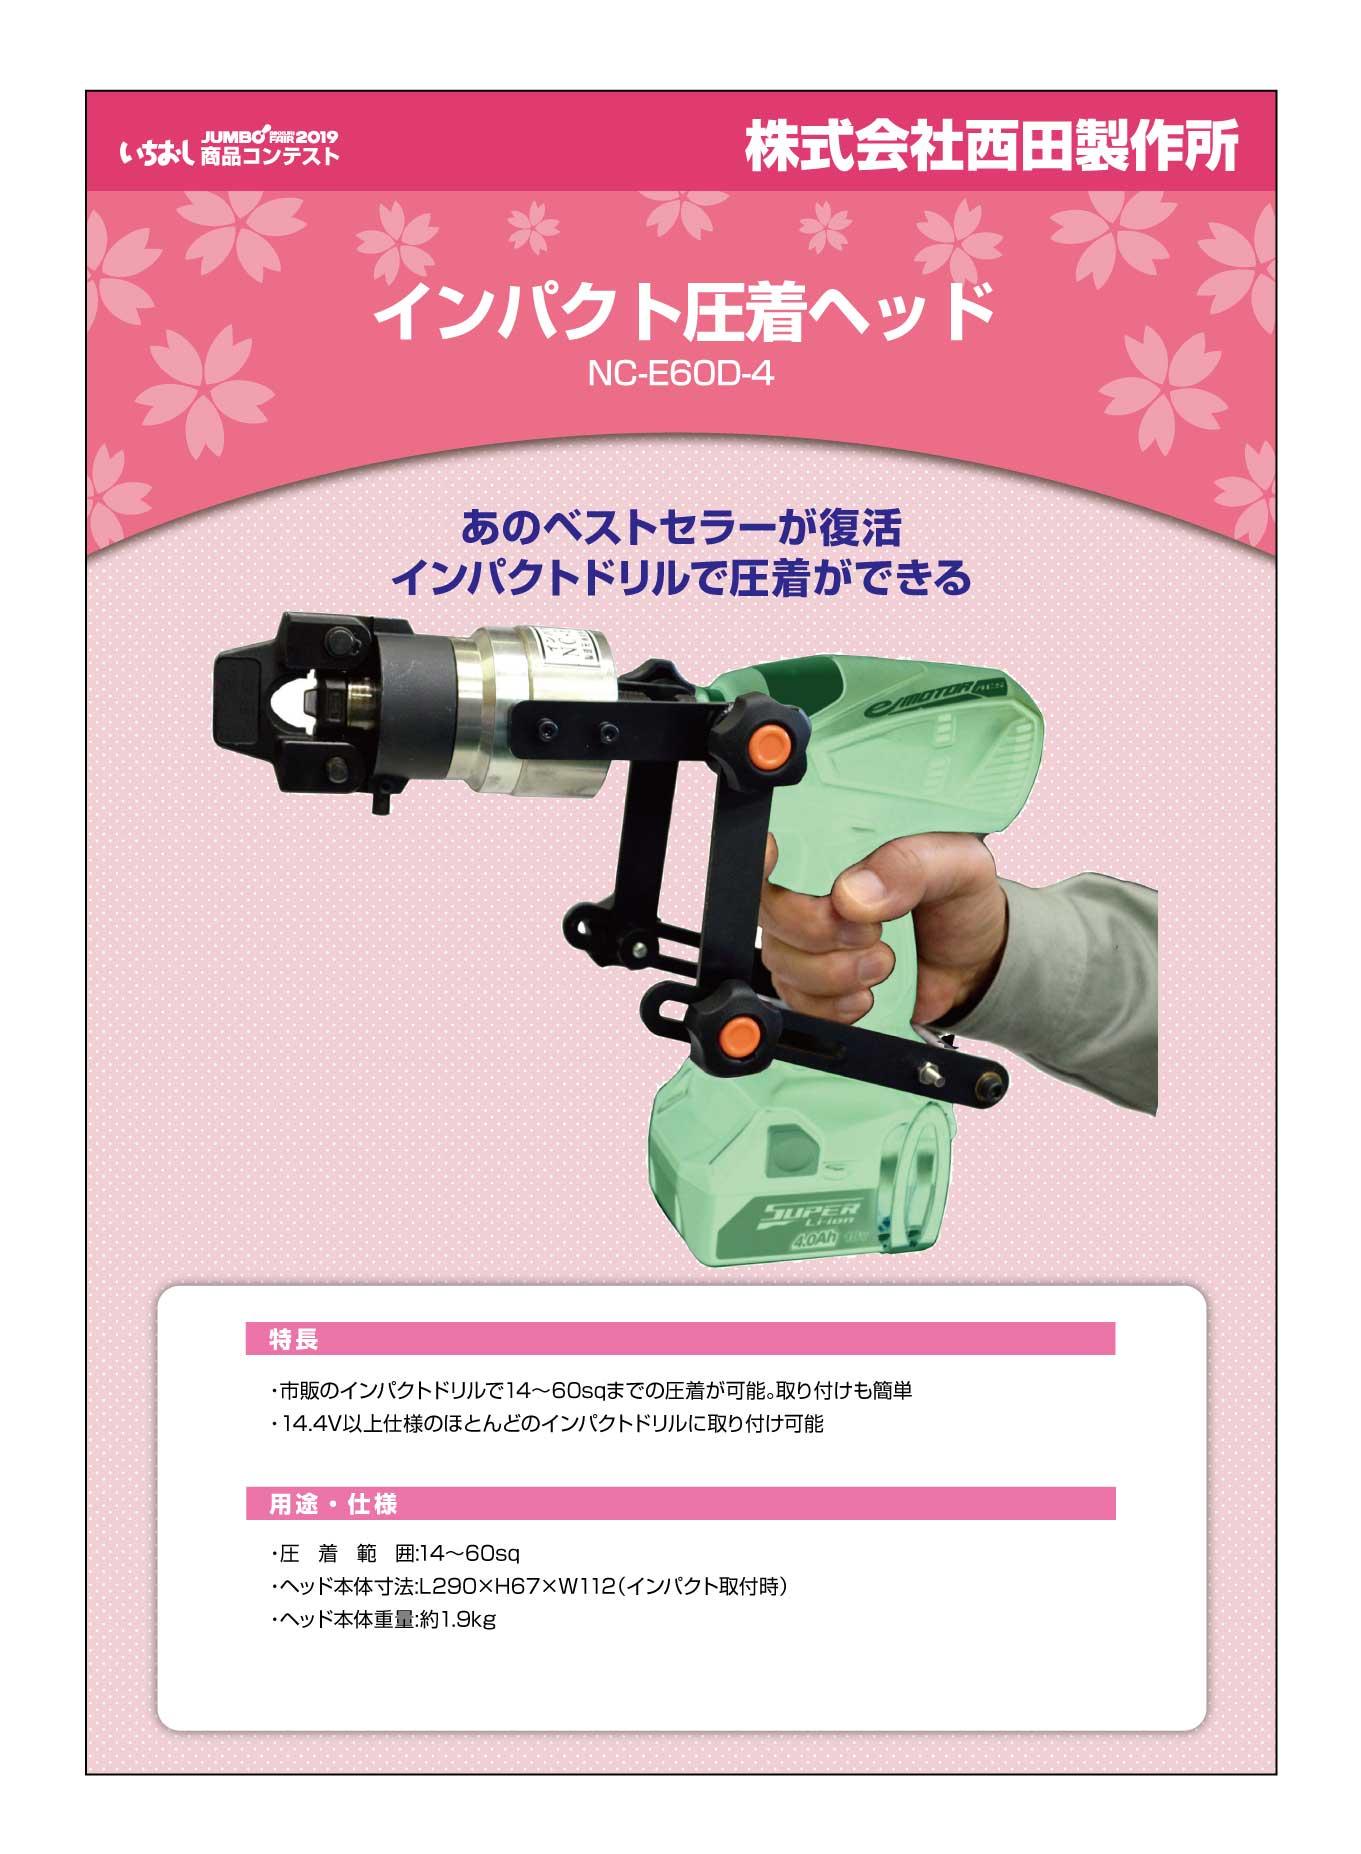 「インパクト圧着ヘッド」株式会社西田製作所の画像